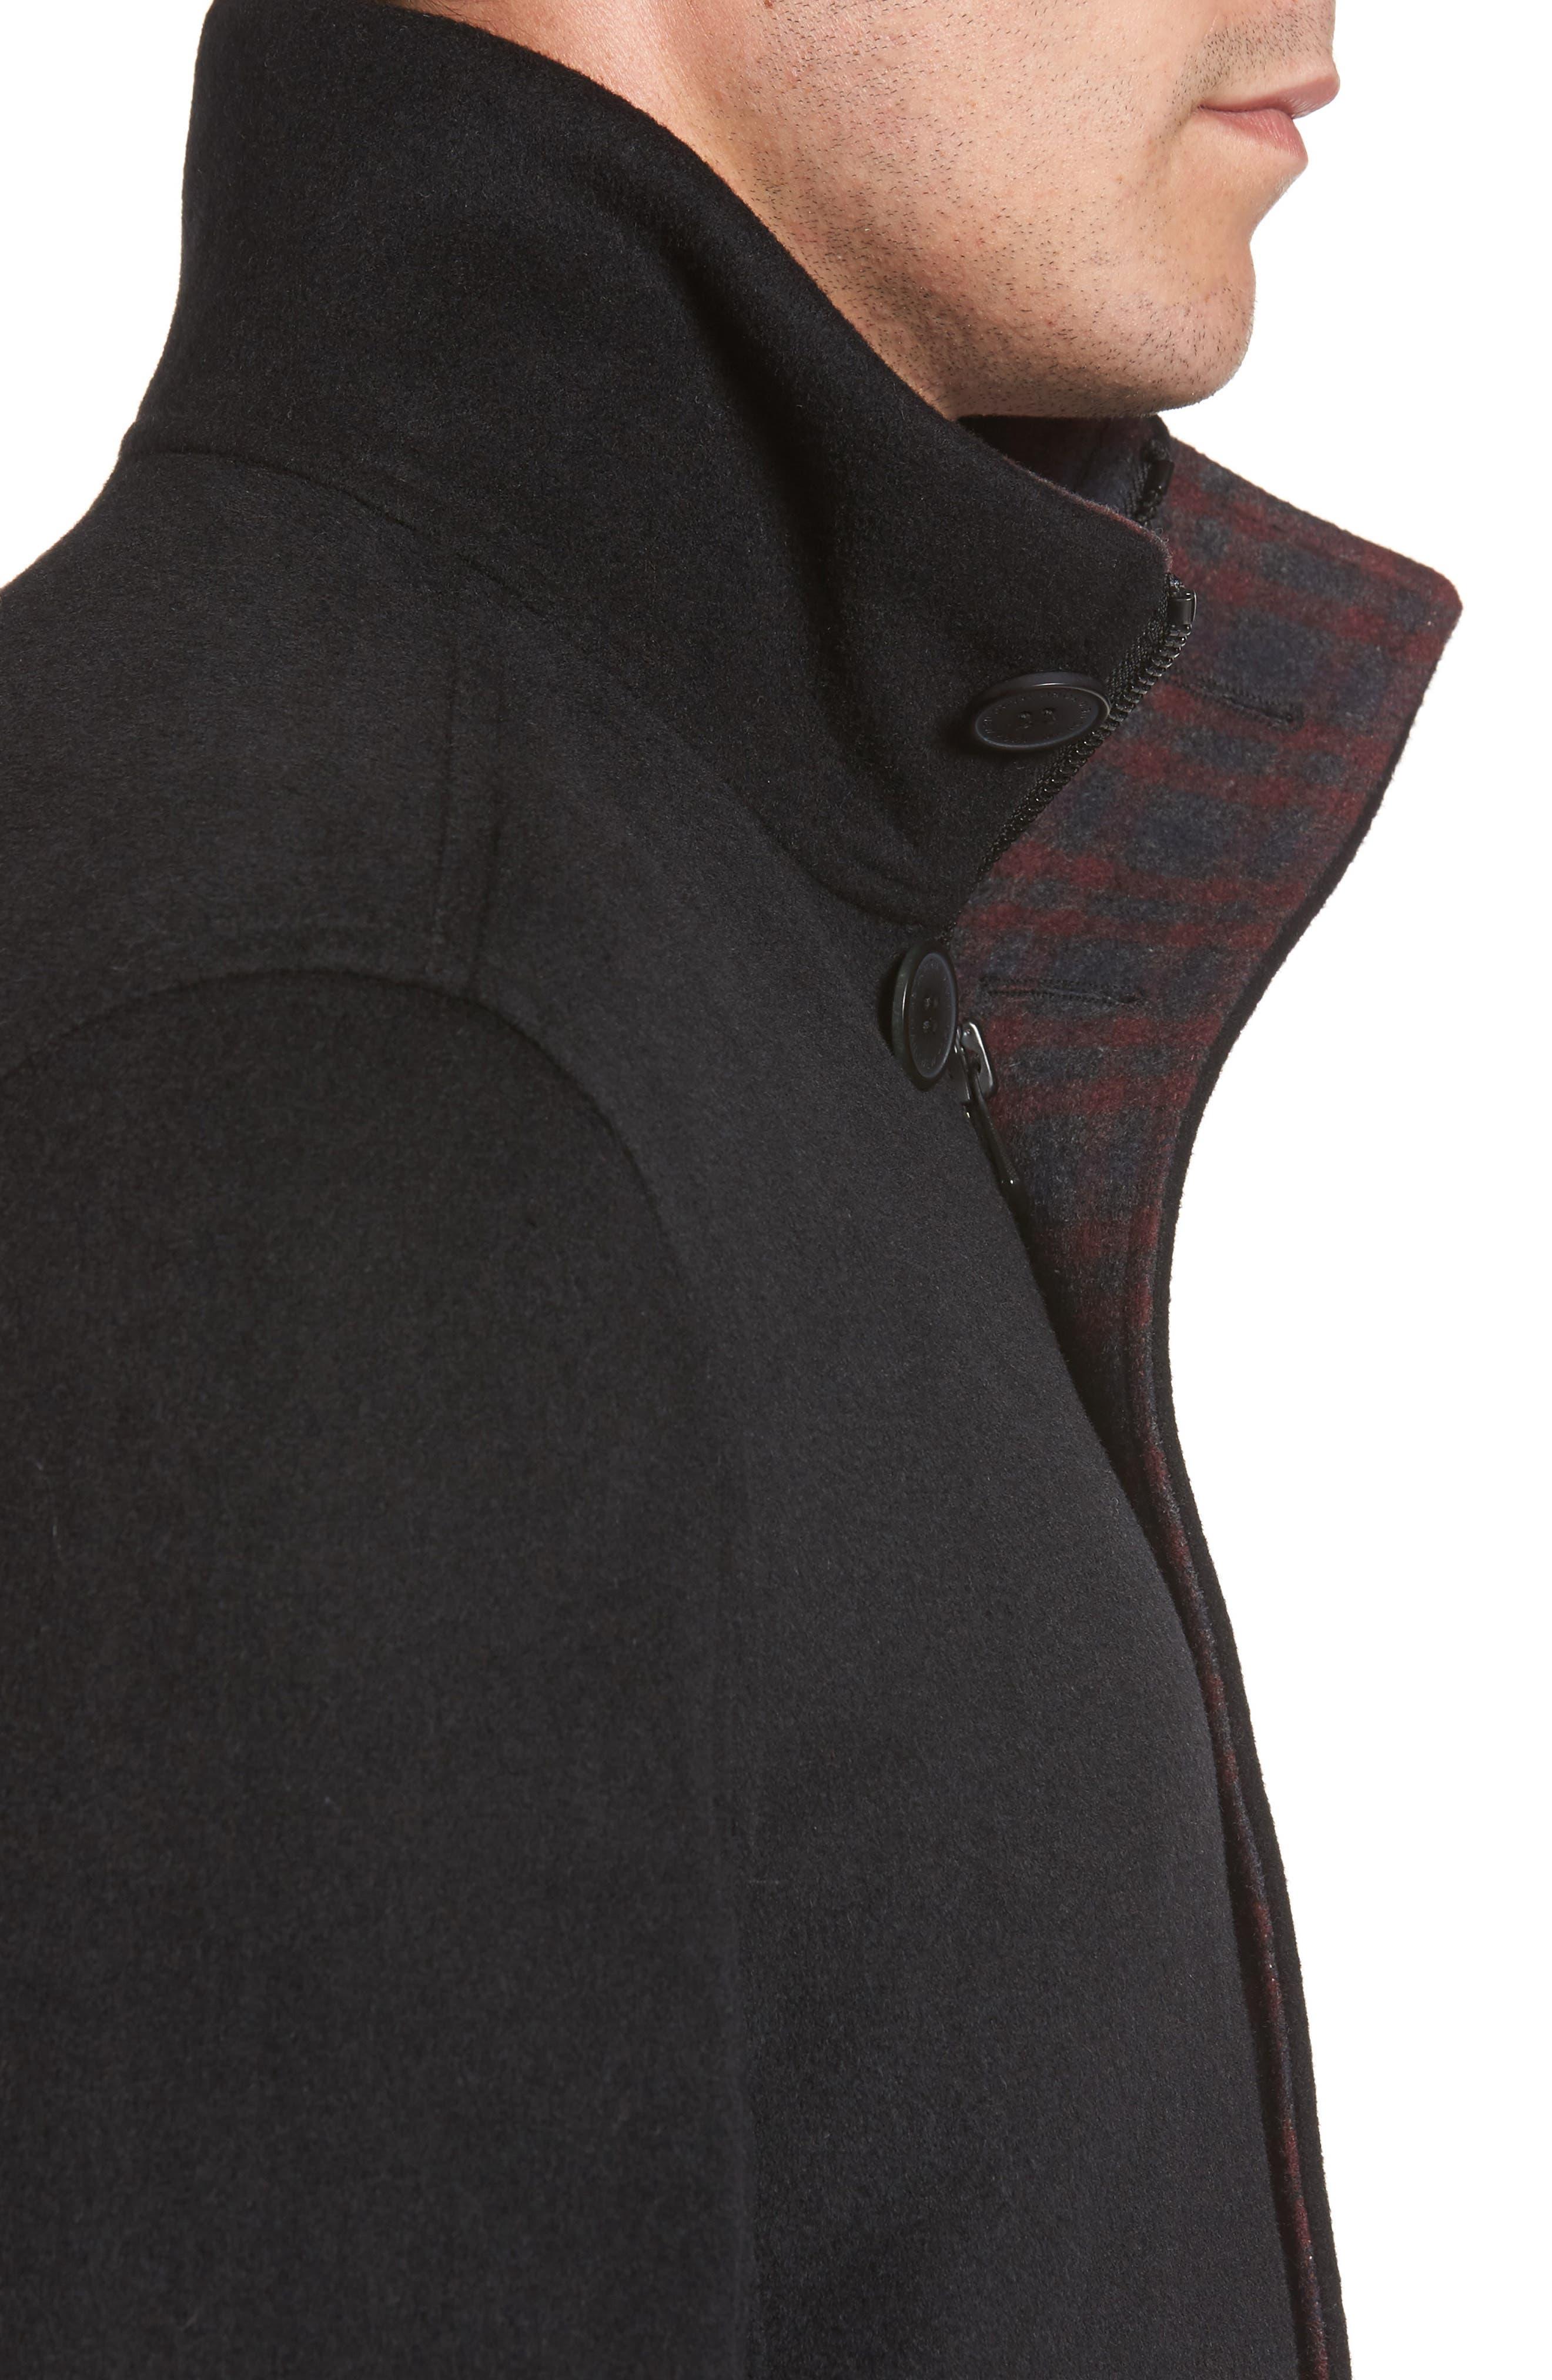 Double Face Wool Blend Car Coat,                             Alternate thumbnail 4, color,                             Black